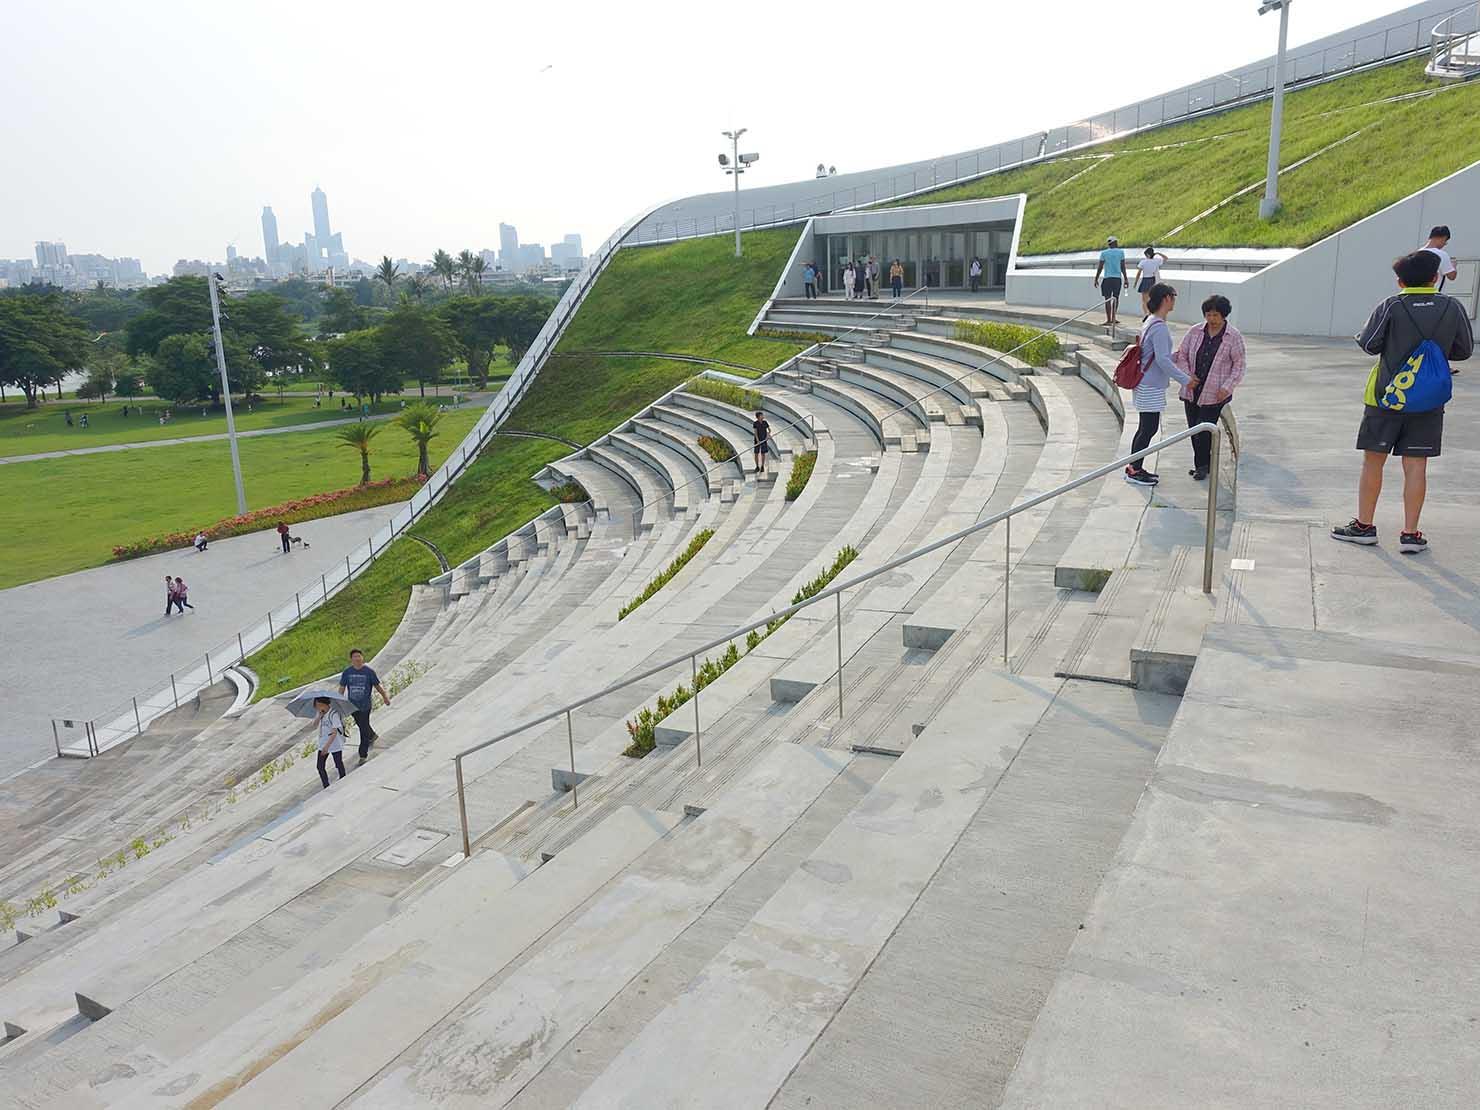 高雄のおすすめ観光スポット「衛武營」國家藝術文化中心の階段